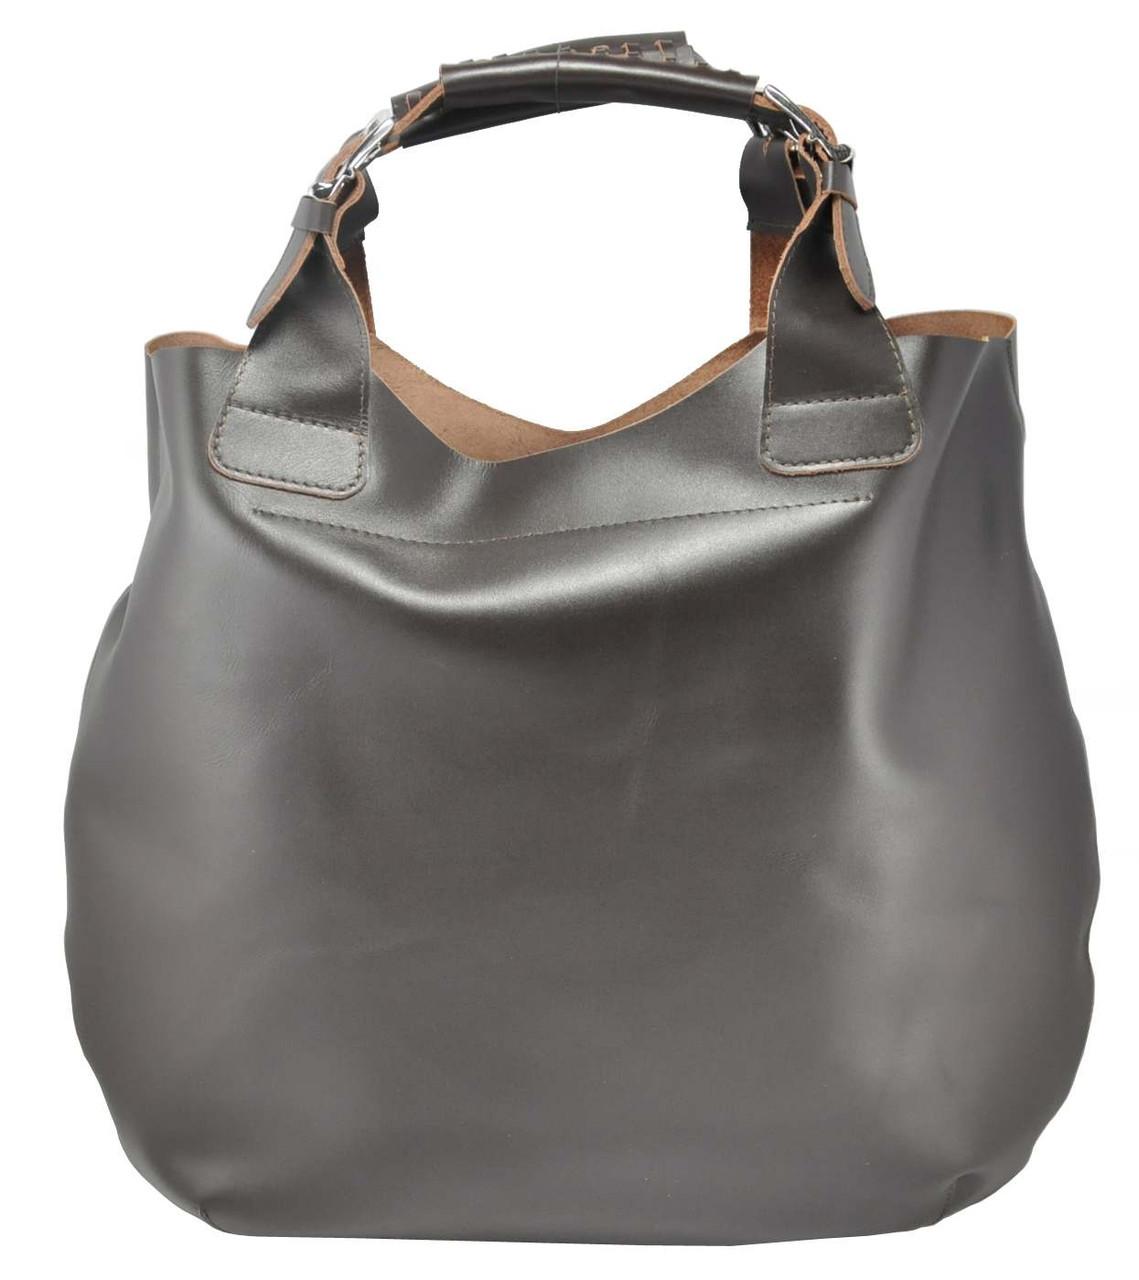 4e949508510f Женская кожаная сумка Zara коричневая — купить в Киеве недорого